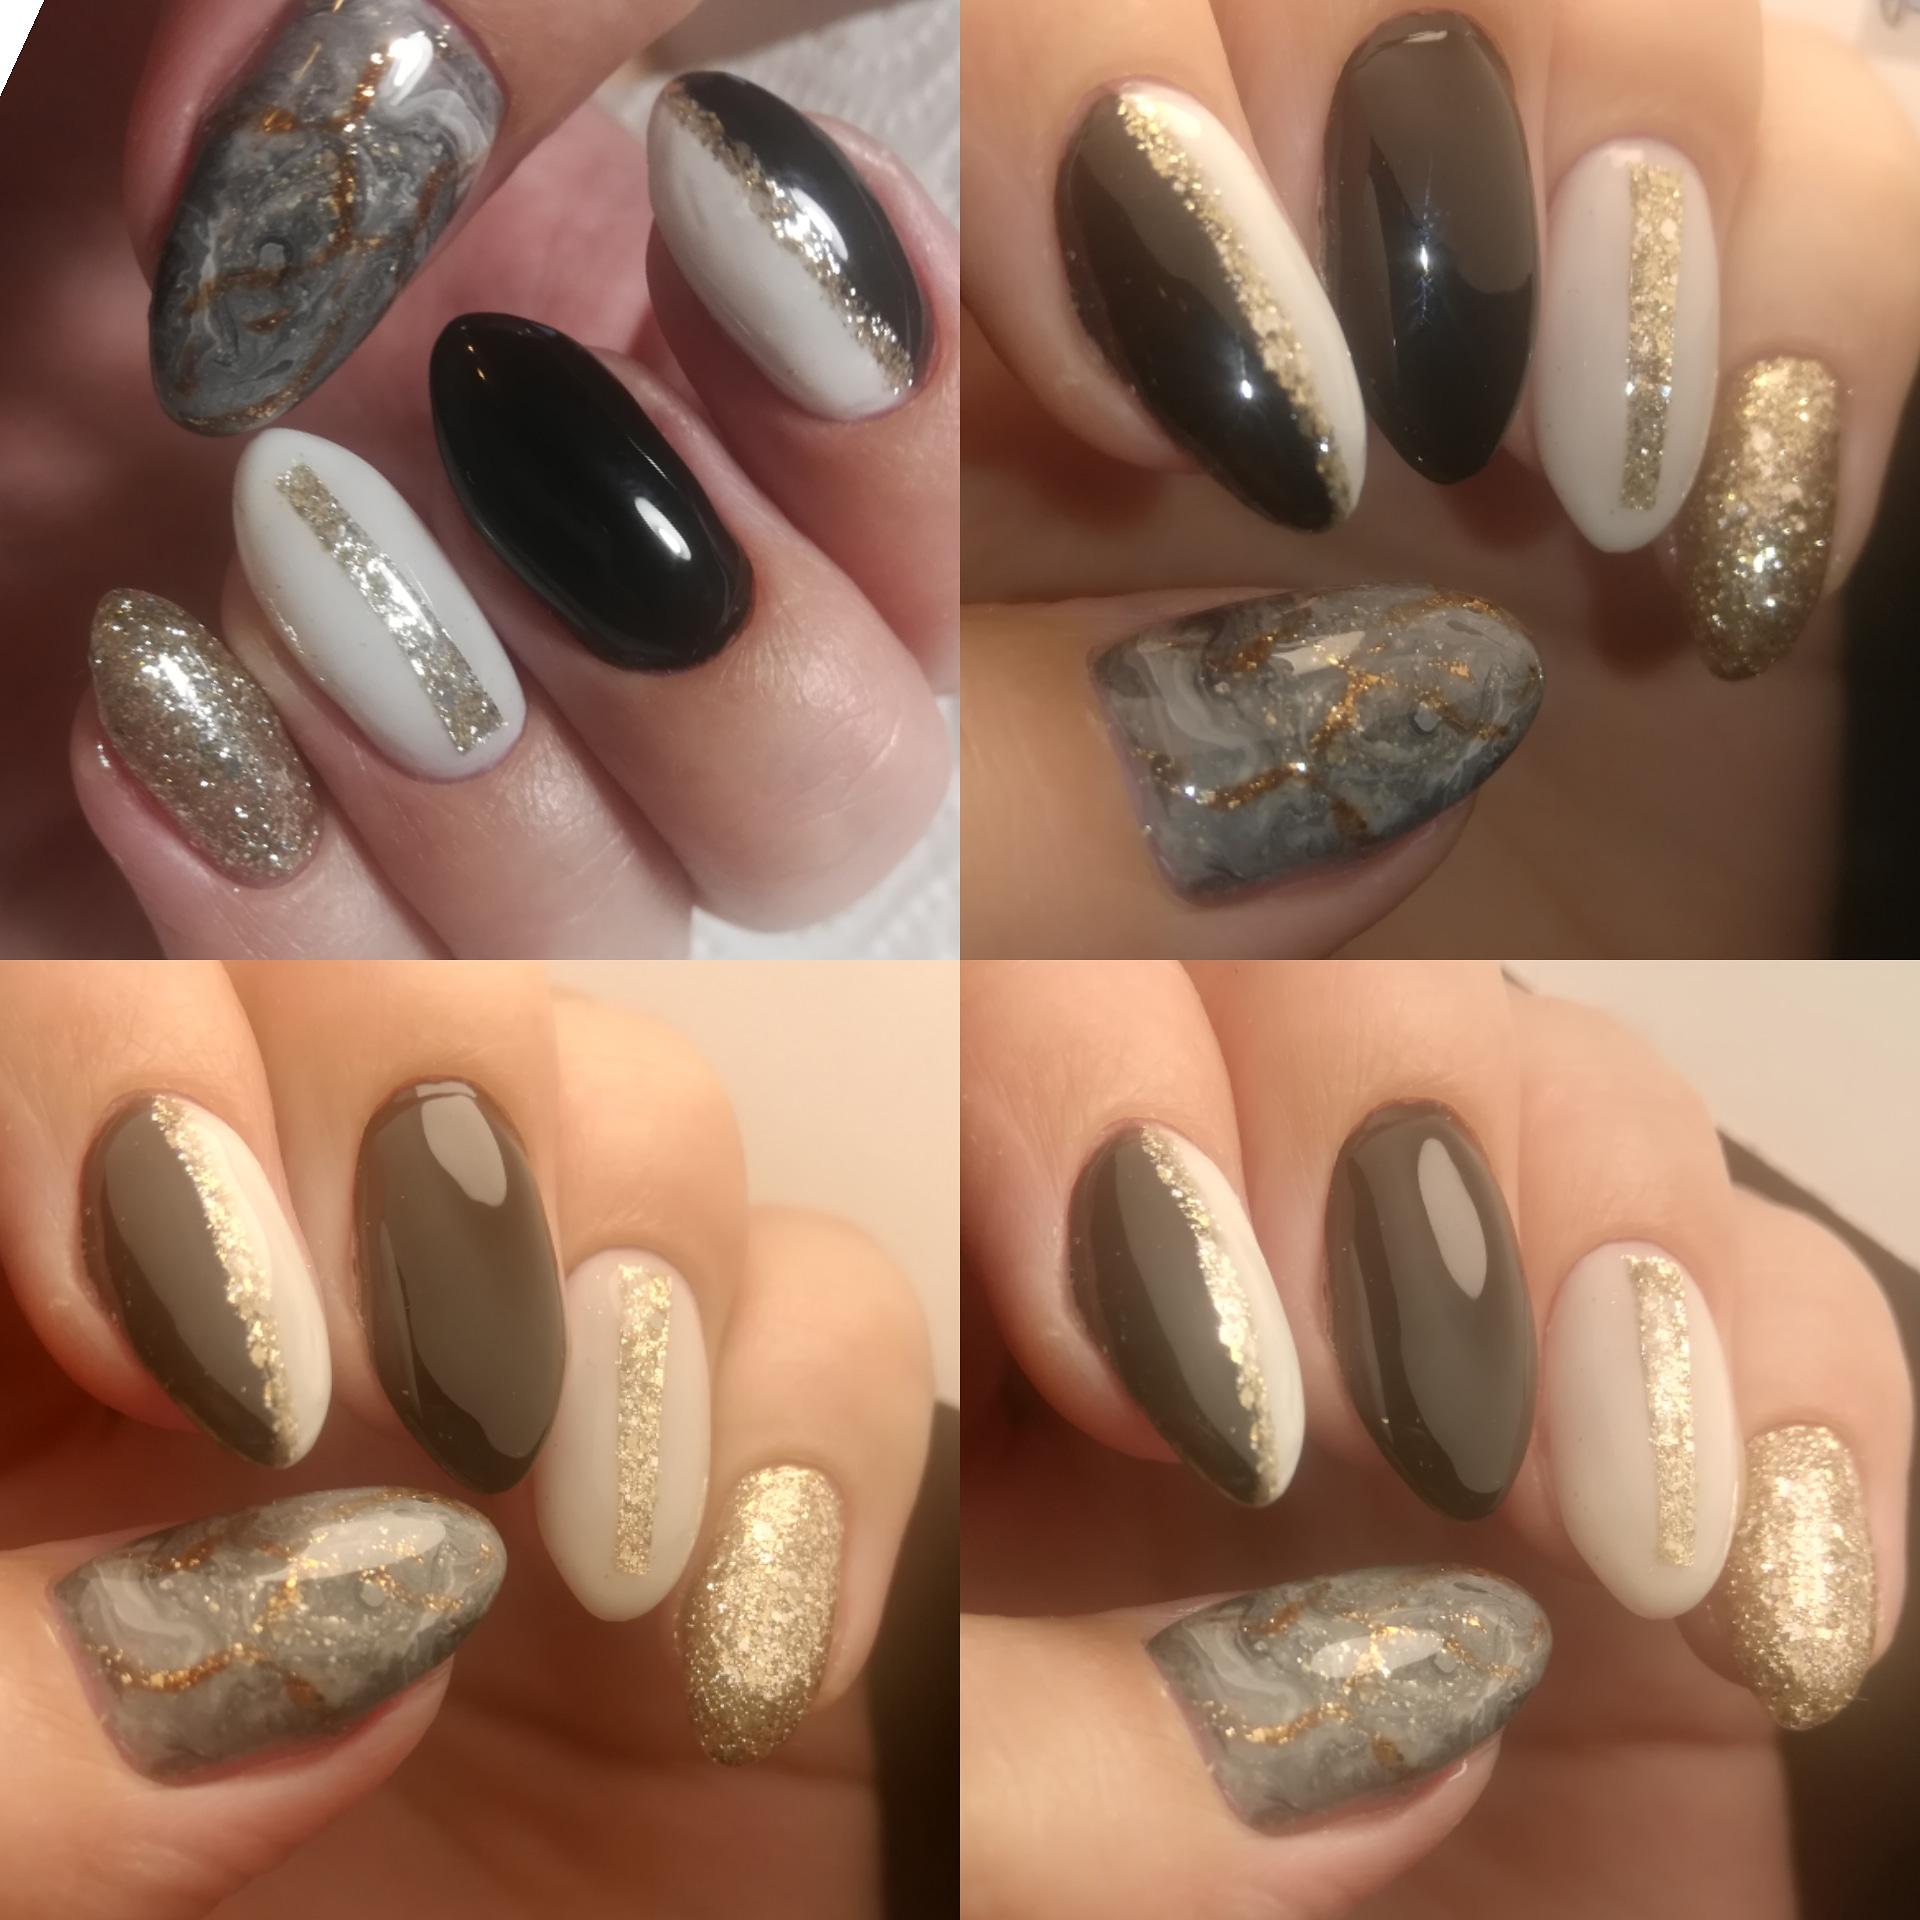 Маникюр с мраморным дизайном и золотыми блестками на длинные ногти.